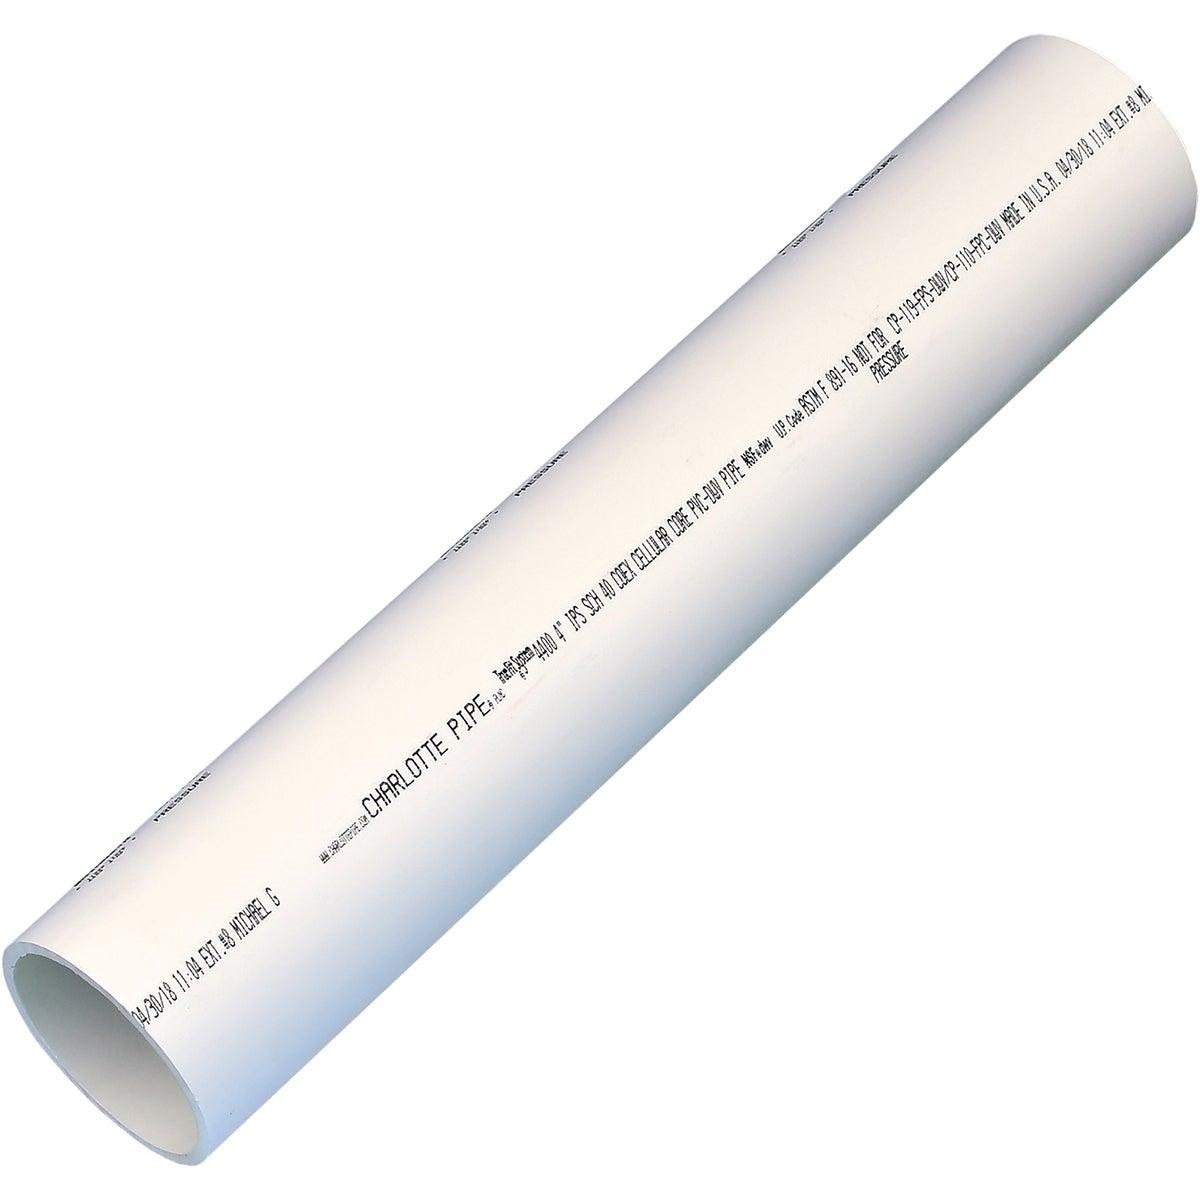 """4""""X2' DWV 40 PVC PIPE - 700412F by Genova Inc"""